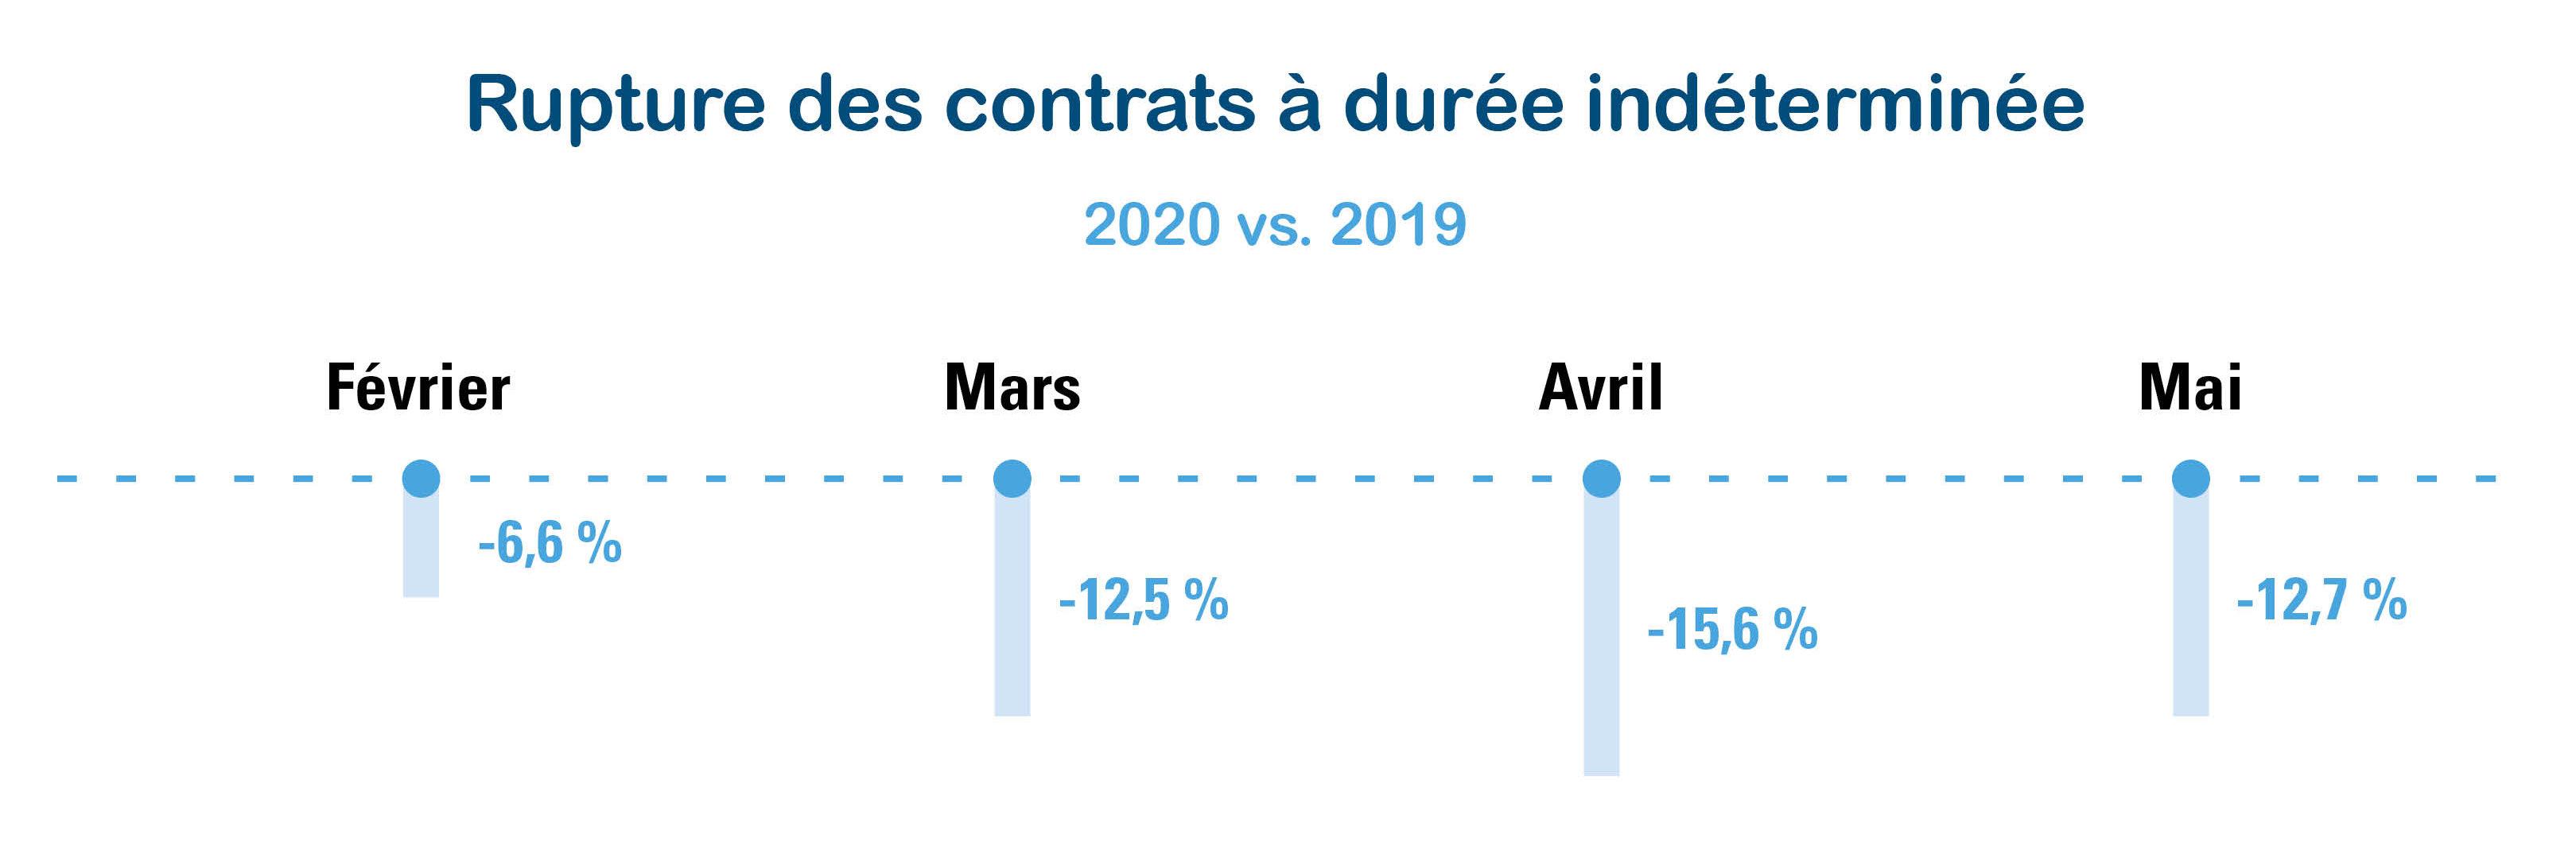 Figure 1 : Ruptures contrats à durée indéterminée, fév/mars/avril/mai 2020 vs. 2019